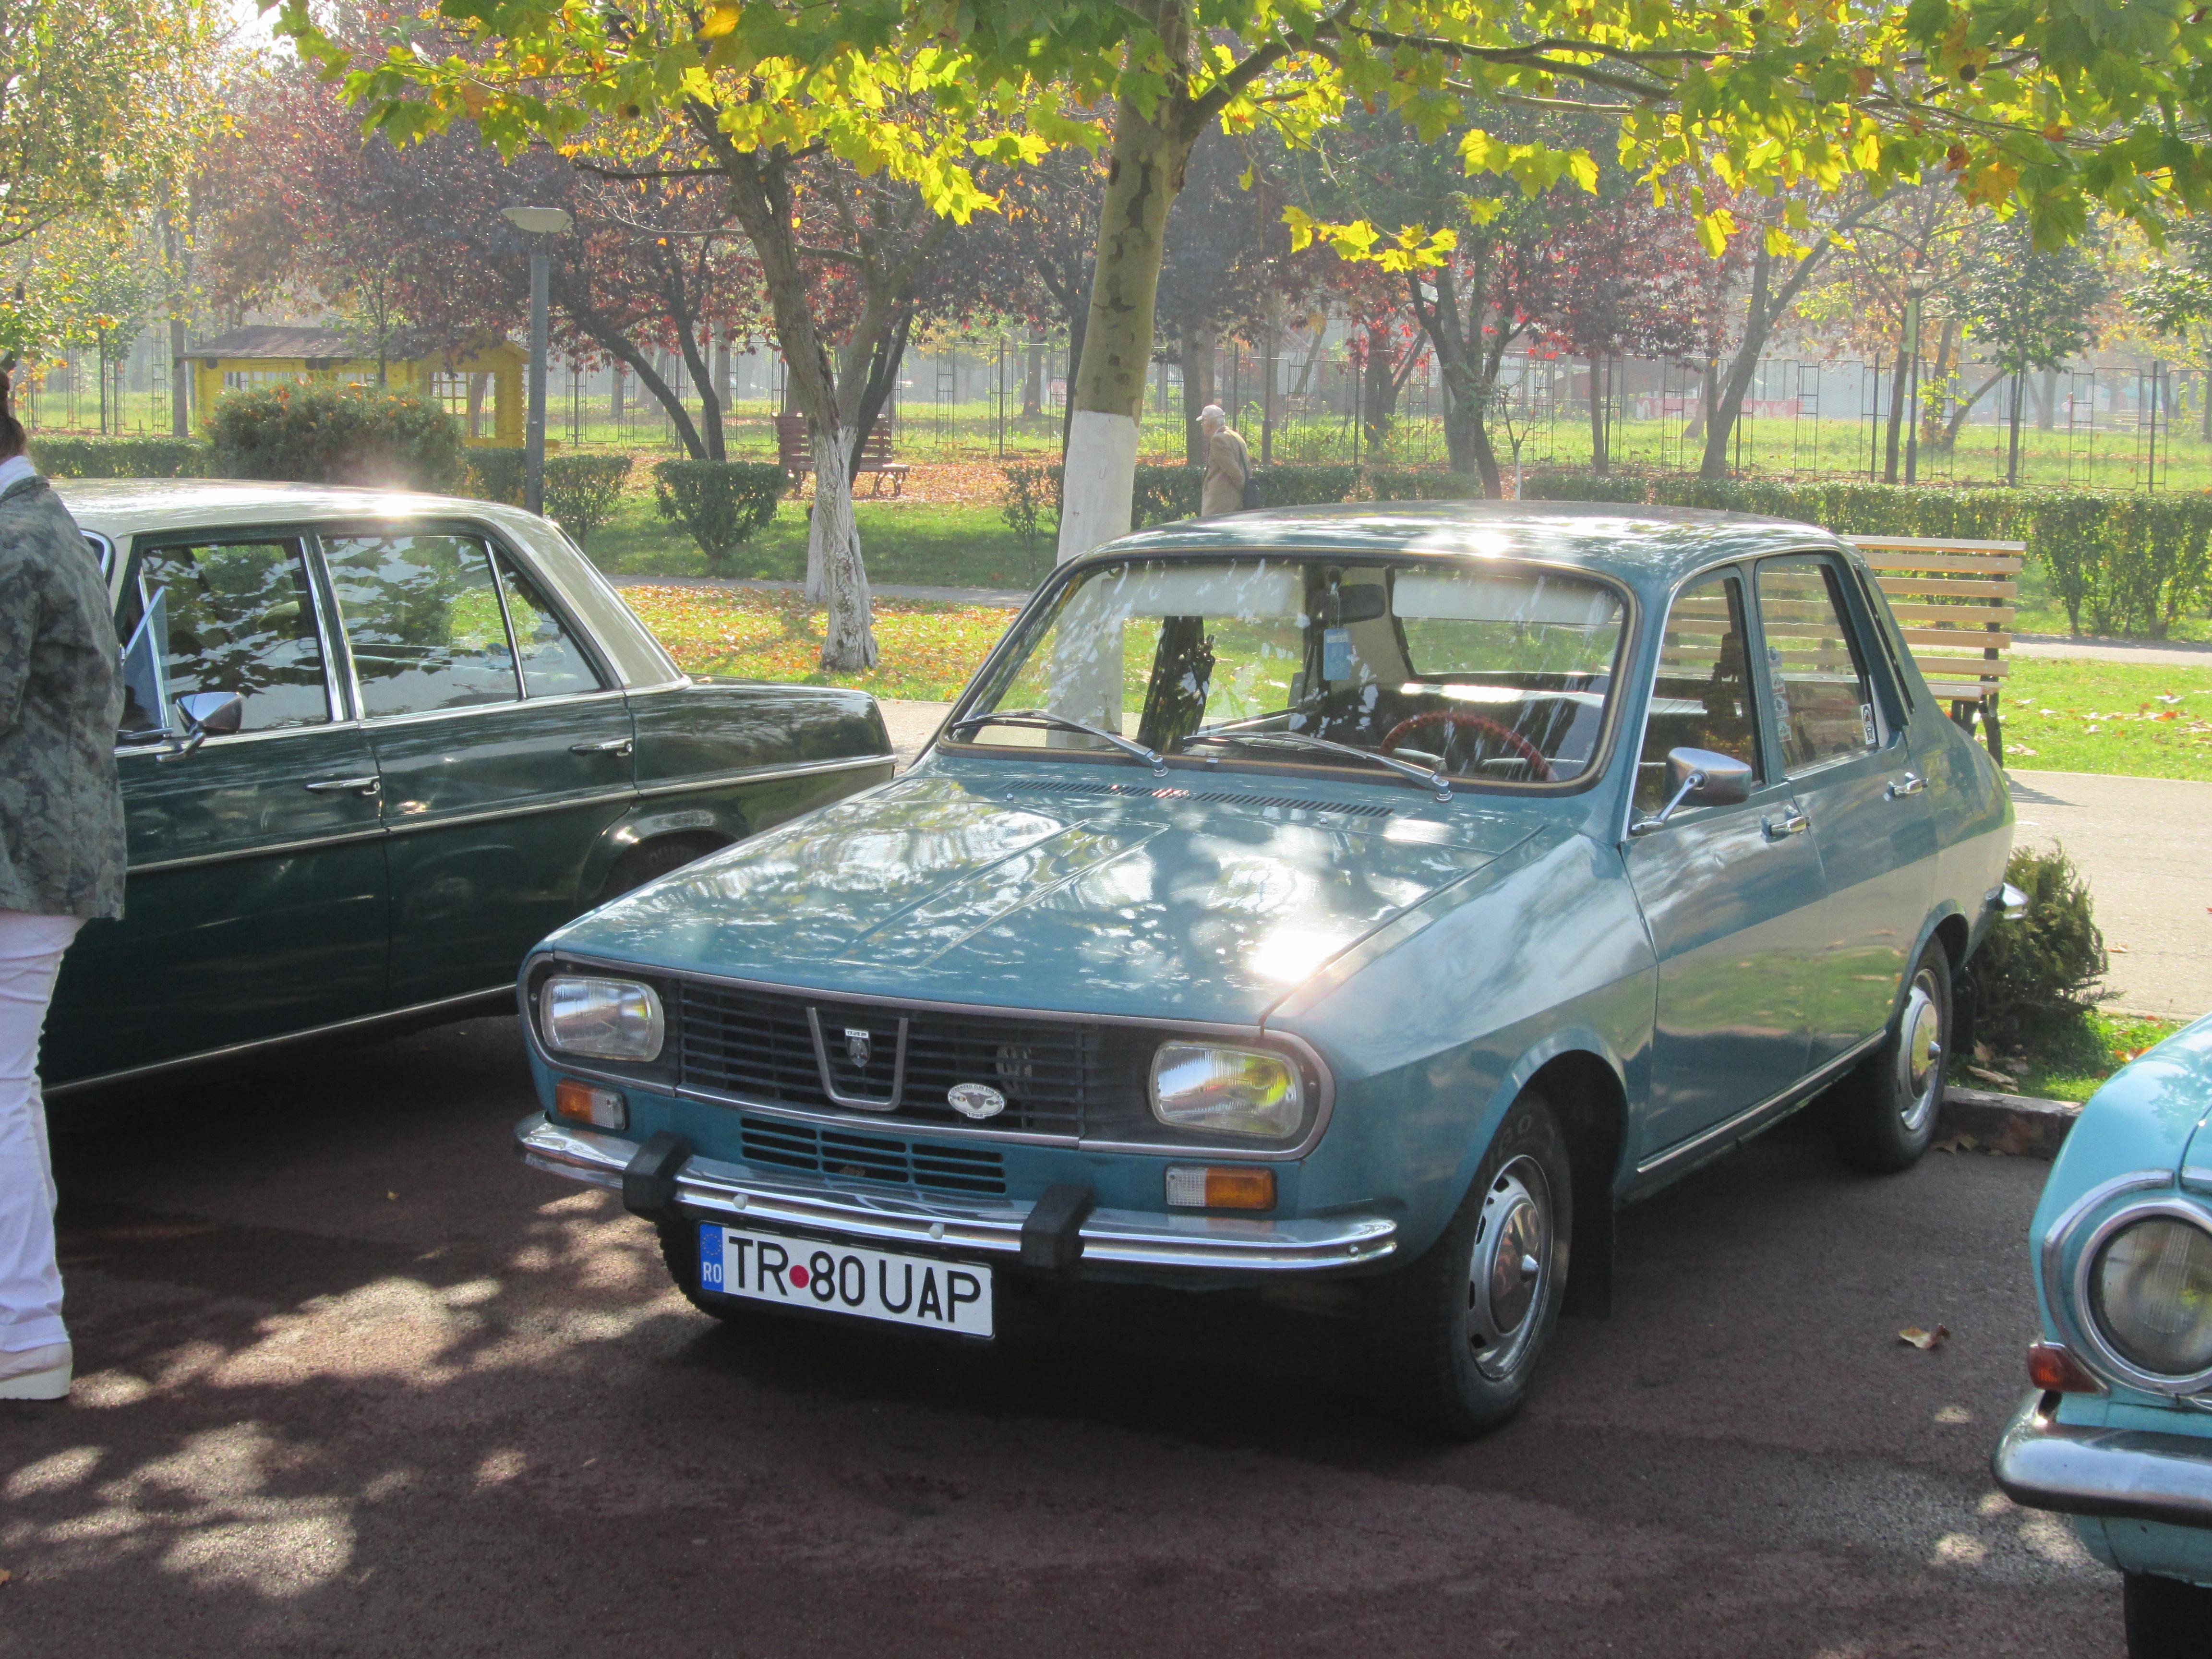 dacia 1300 wikiwand rh wikiwand com Dacia 1100 Dacia 1300 1969